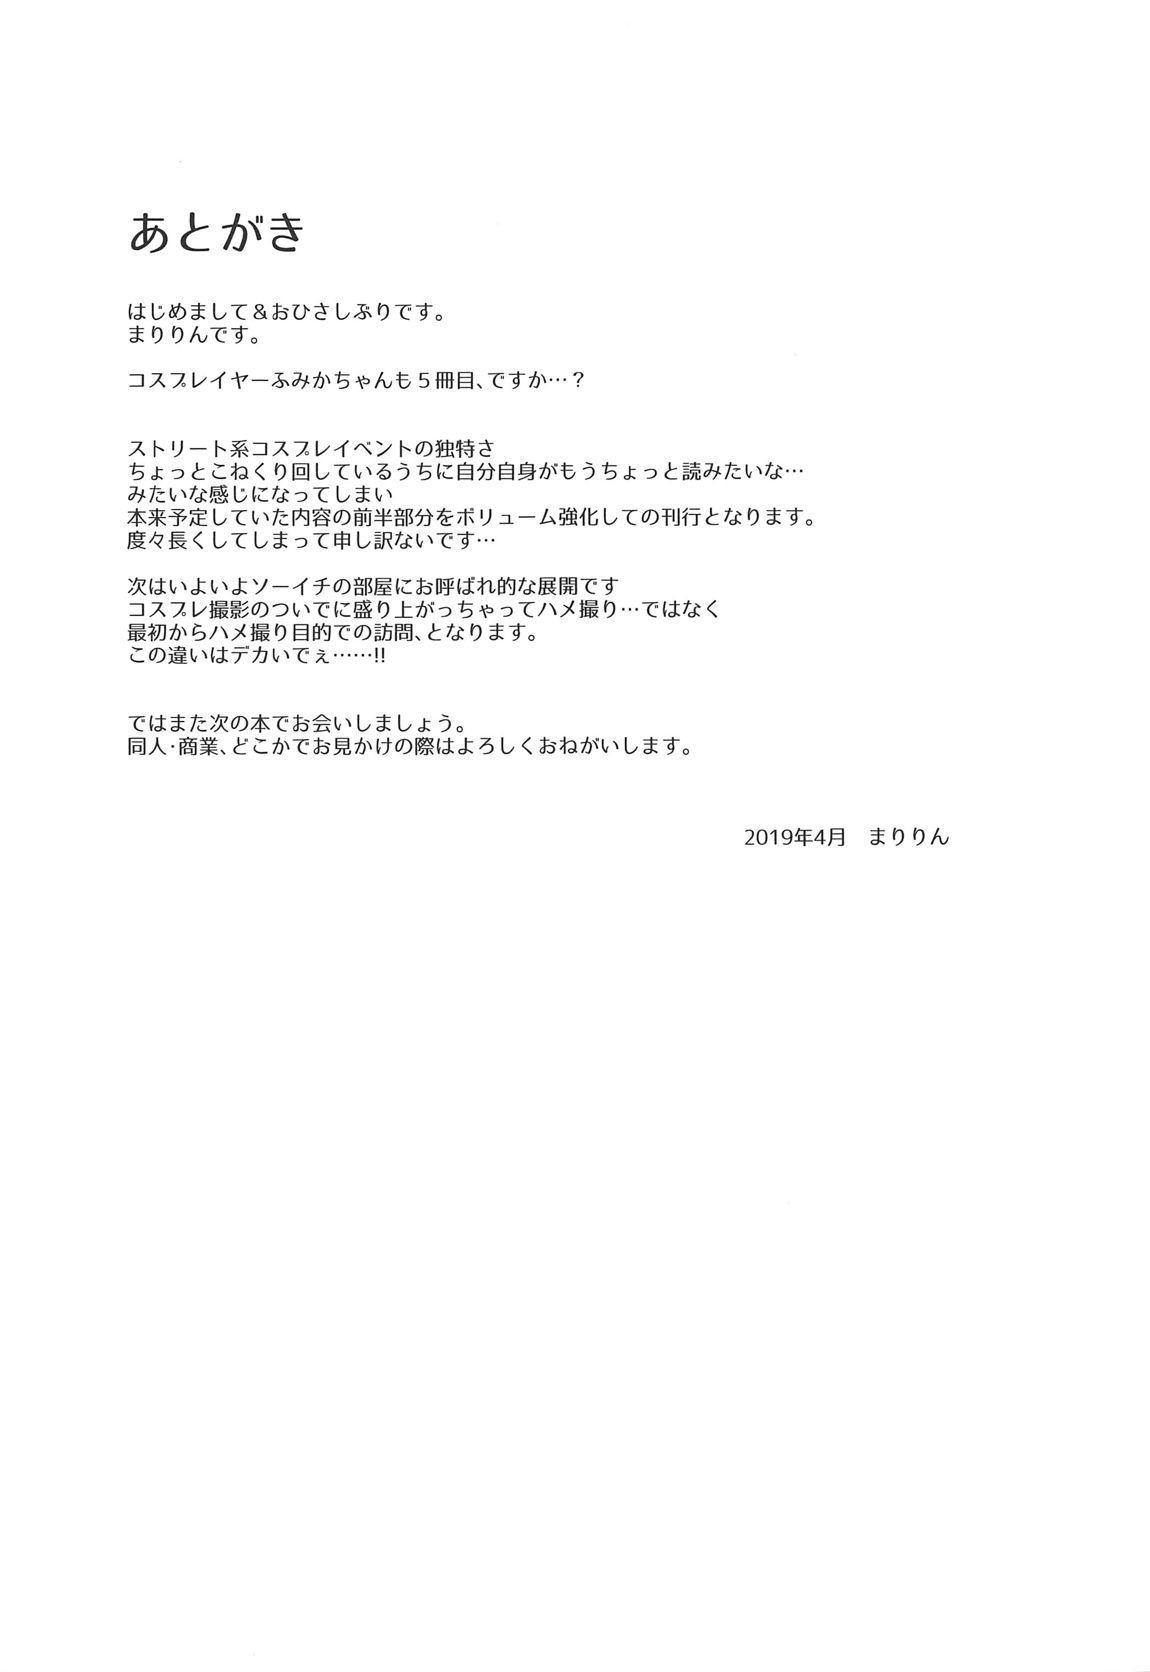 Purupuru Yurasu H-Cup Namachichi Hobo Marudashi Layer Icha Love Rojou CosEve Date 19